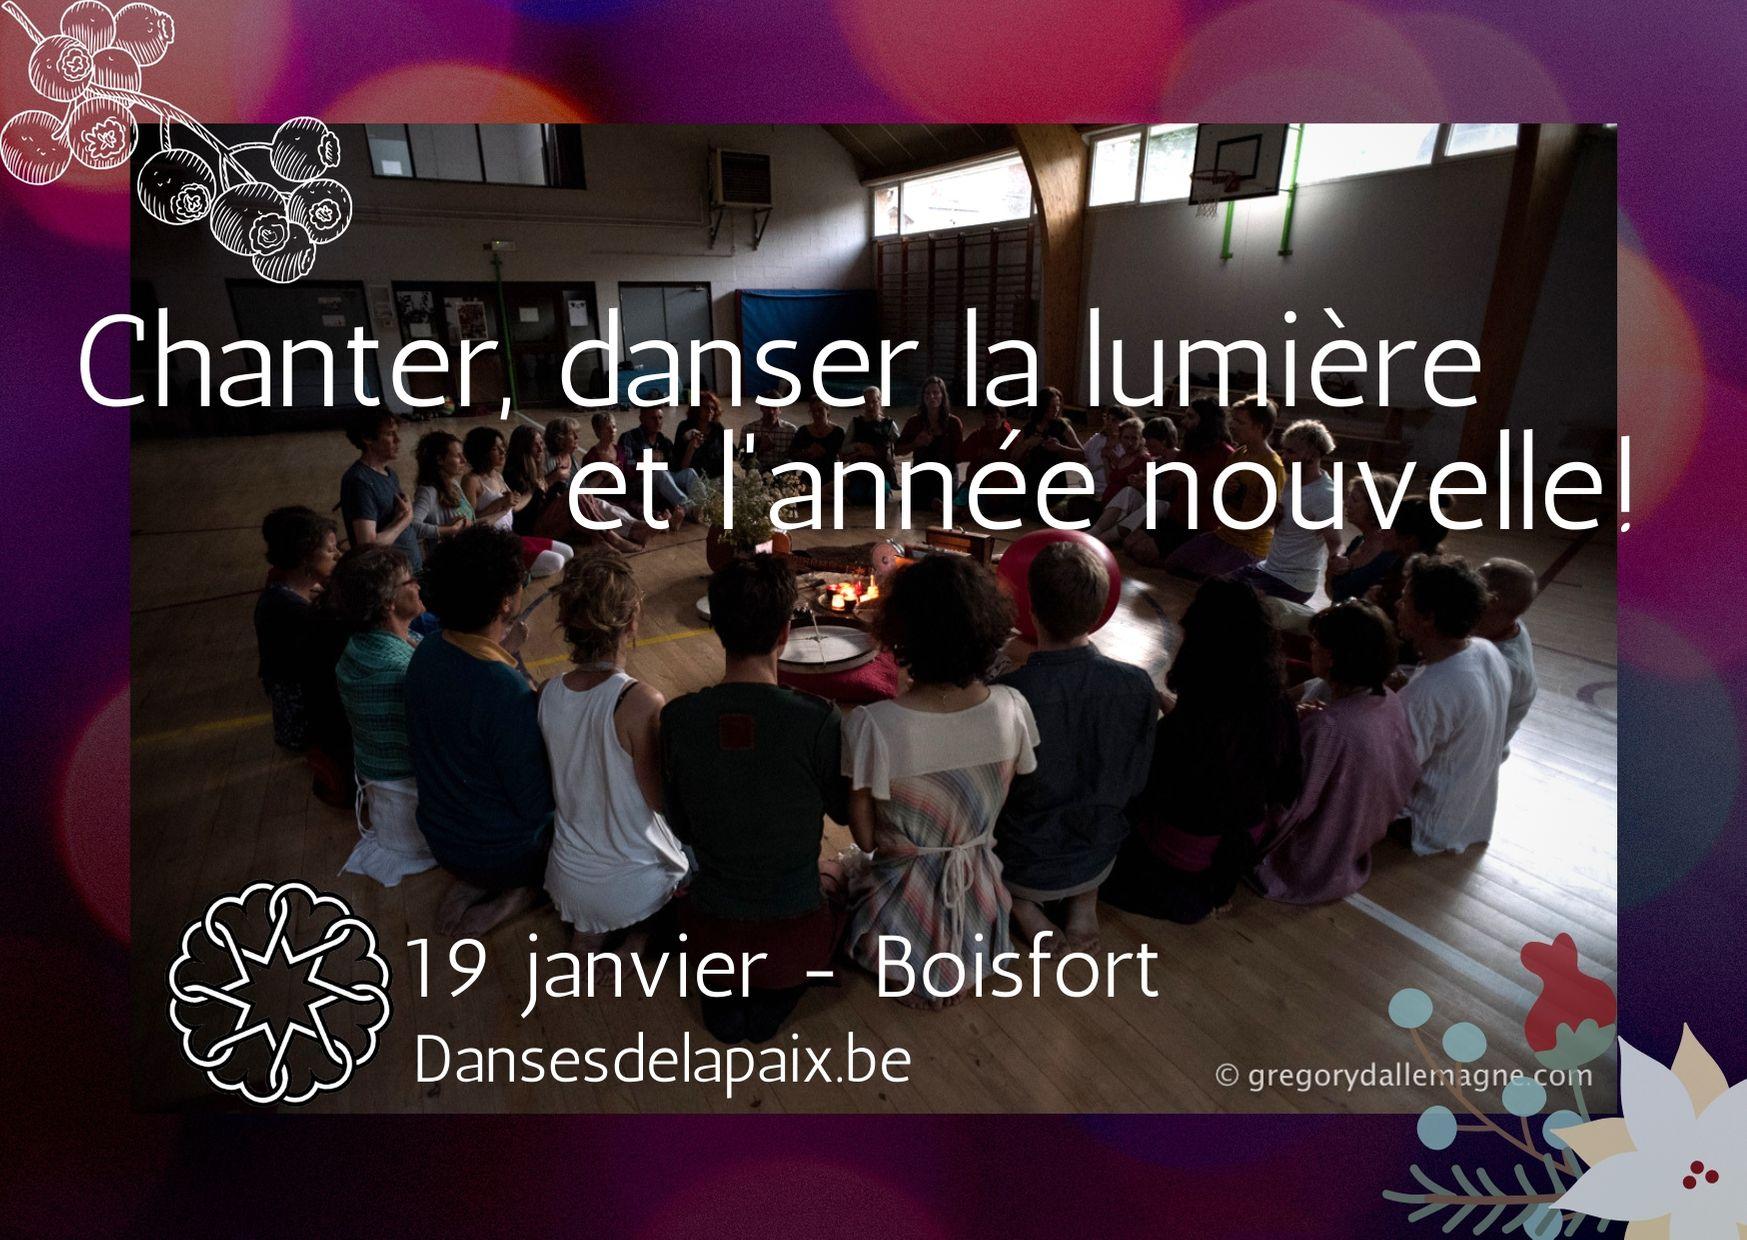 Chanter, Danser la lumière et l'année nouvelle I Bxl